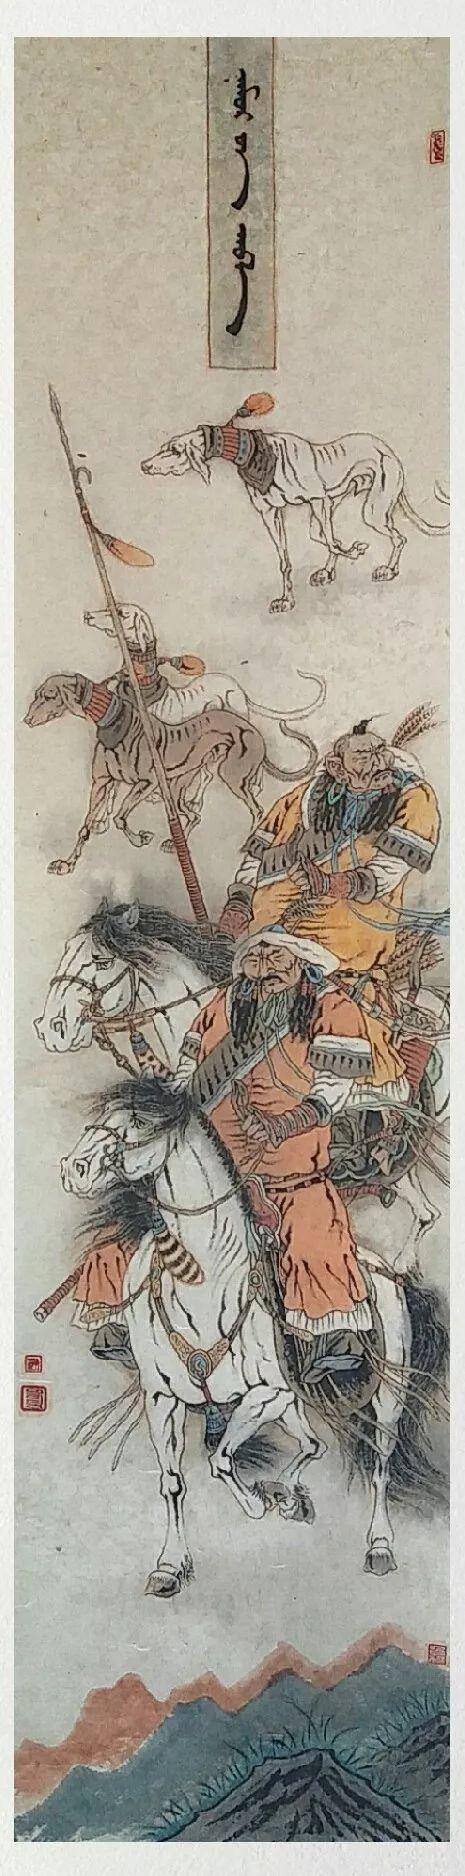 内蒙古当代美术家系列——白嘎力中国画作品选 第17张